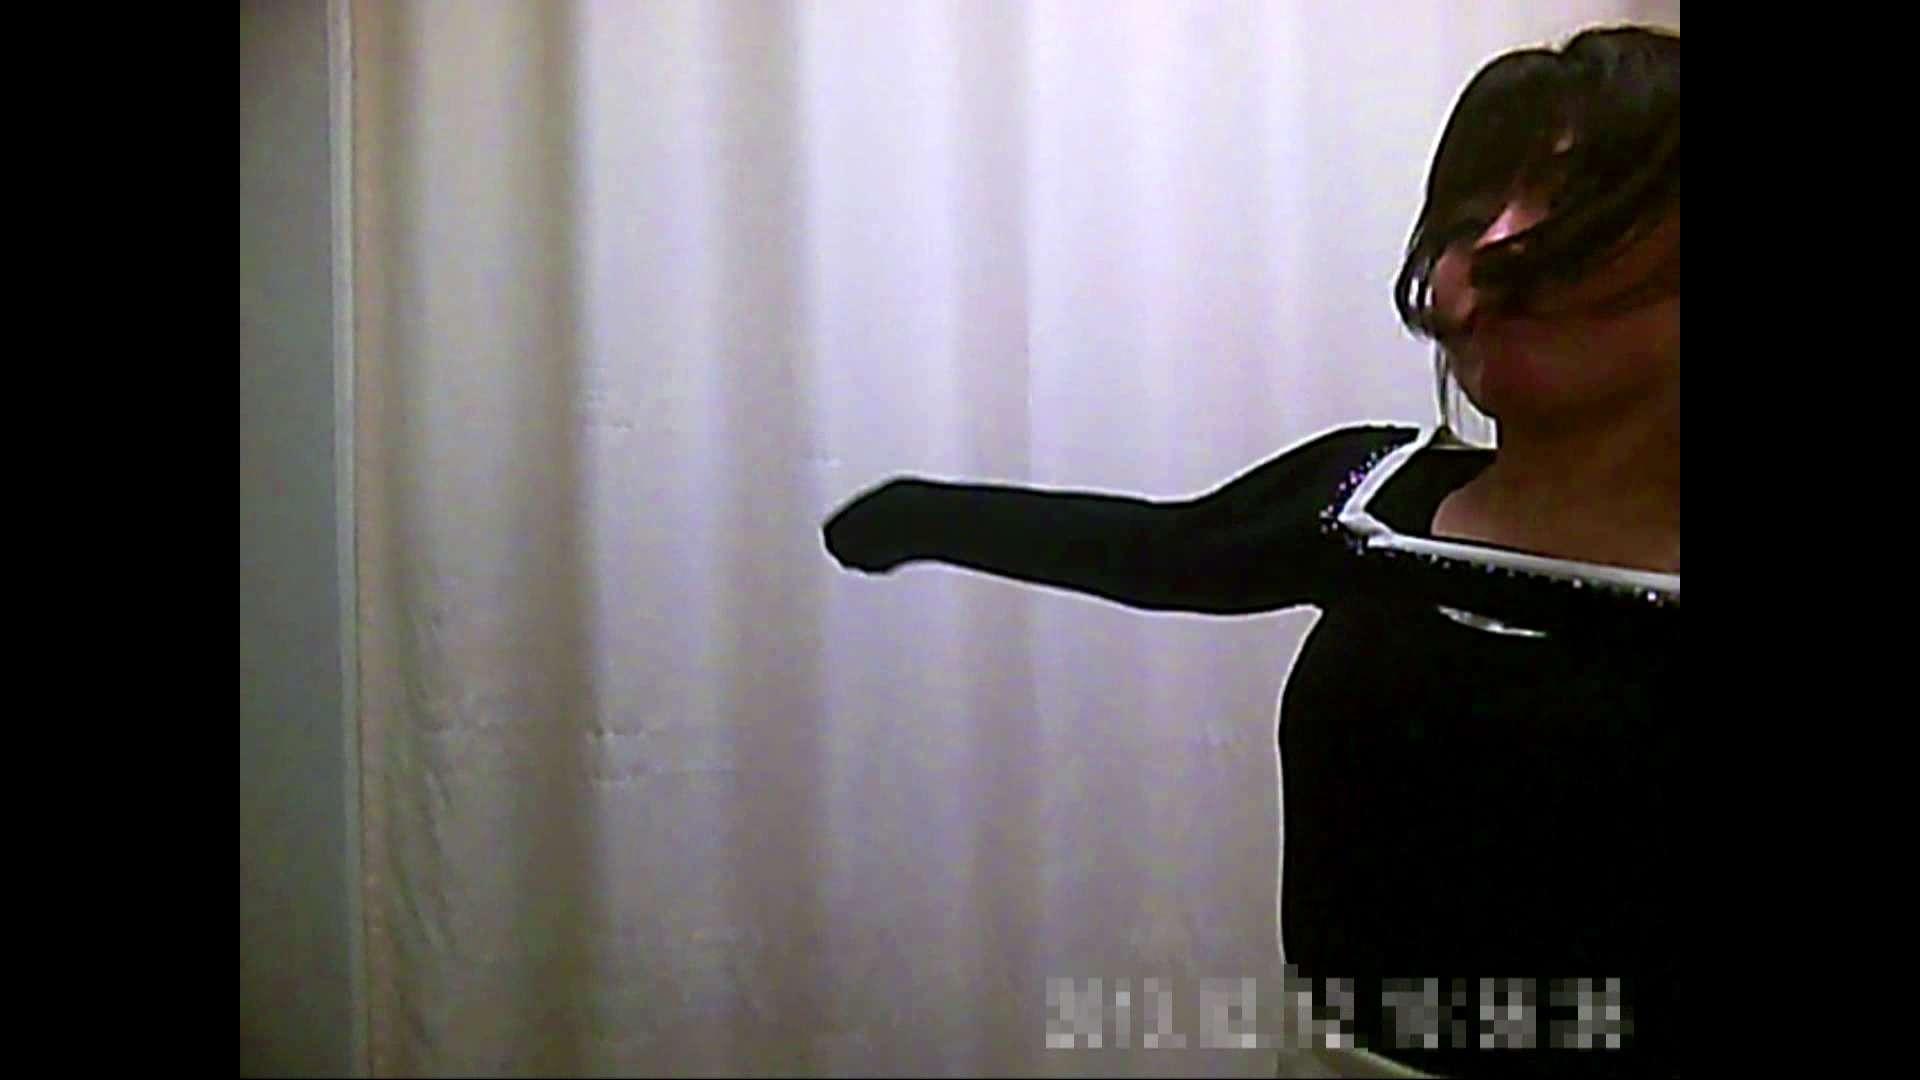 元医者による反抗 更衣室地獄絵巻 vol.145 OLの実態 | 0  28pic 13